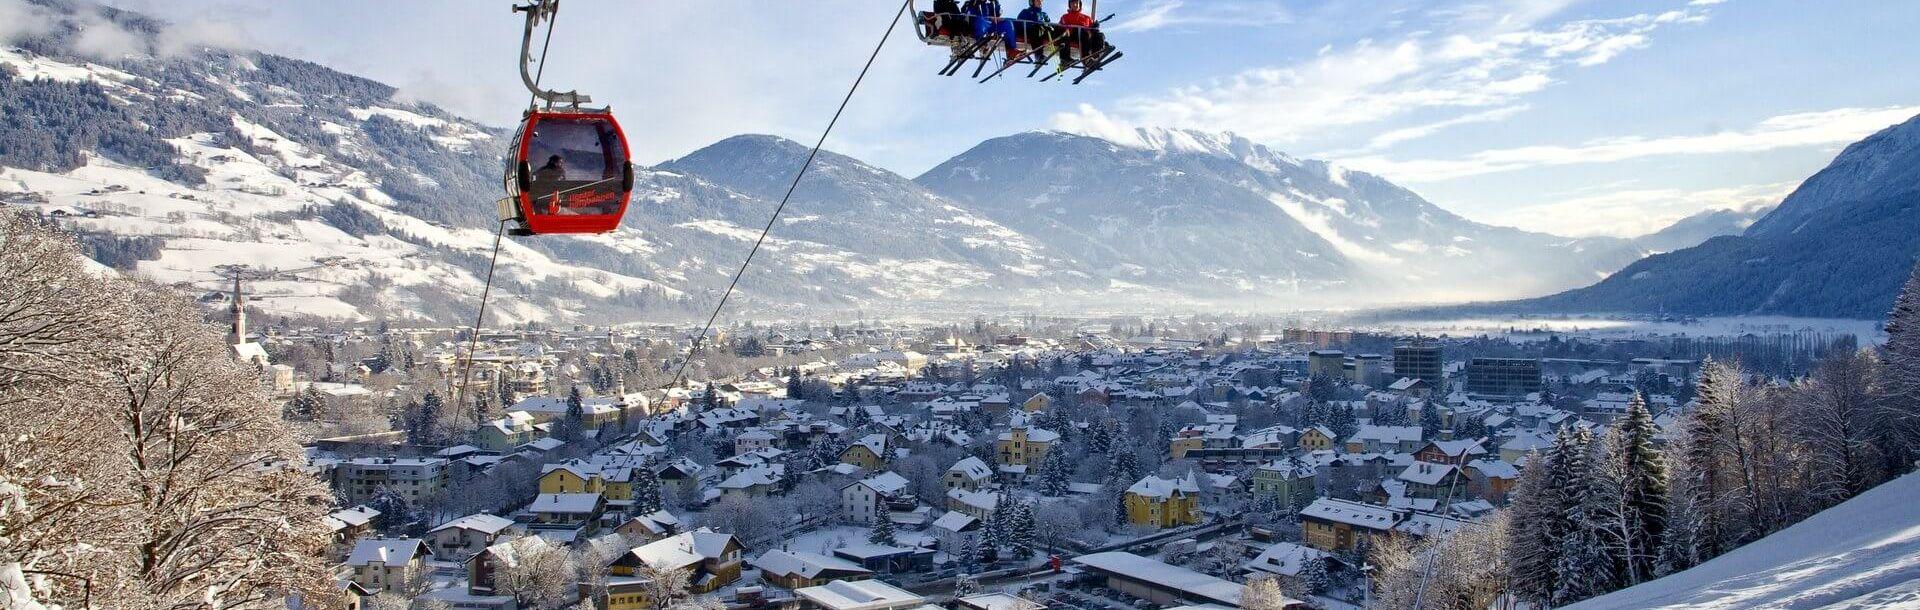 Die Sonnenstadt Lienz begrüßt Sie mitten in den beeindruckenden Lienzer Dolomiten   OsttirolerLand.com